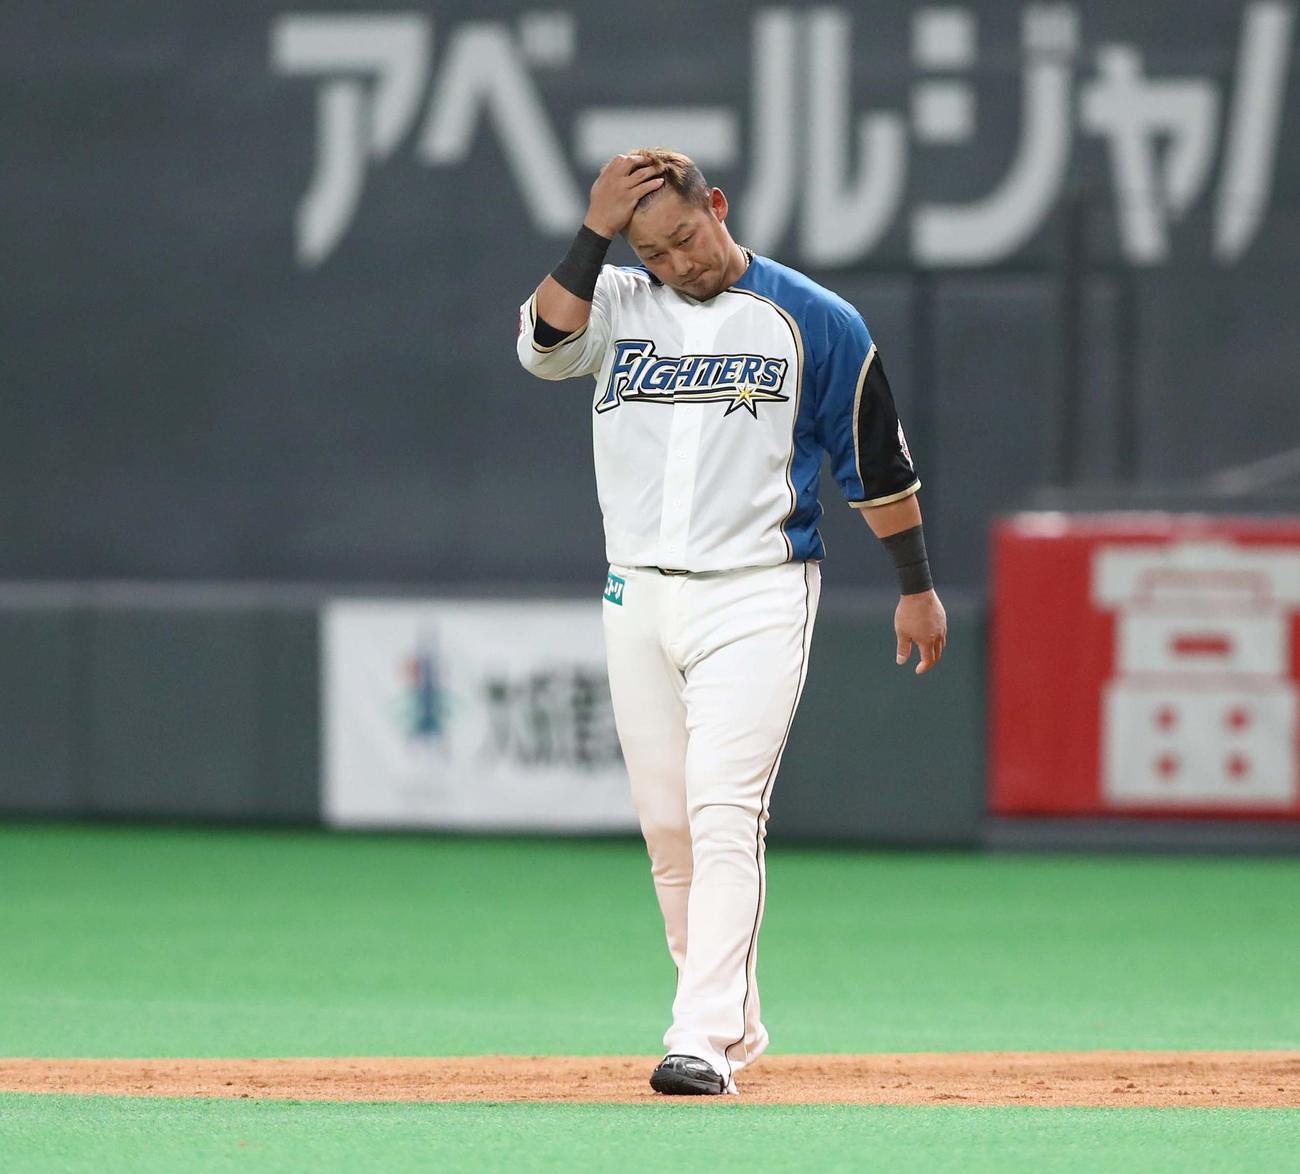 日本ハム対ソフトバンク 3回裏日本ハム2死満塁、二飛に終わり肩を落とす中田(撮影・黒川智章)